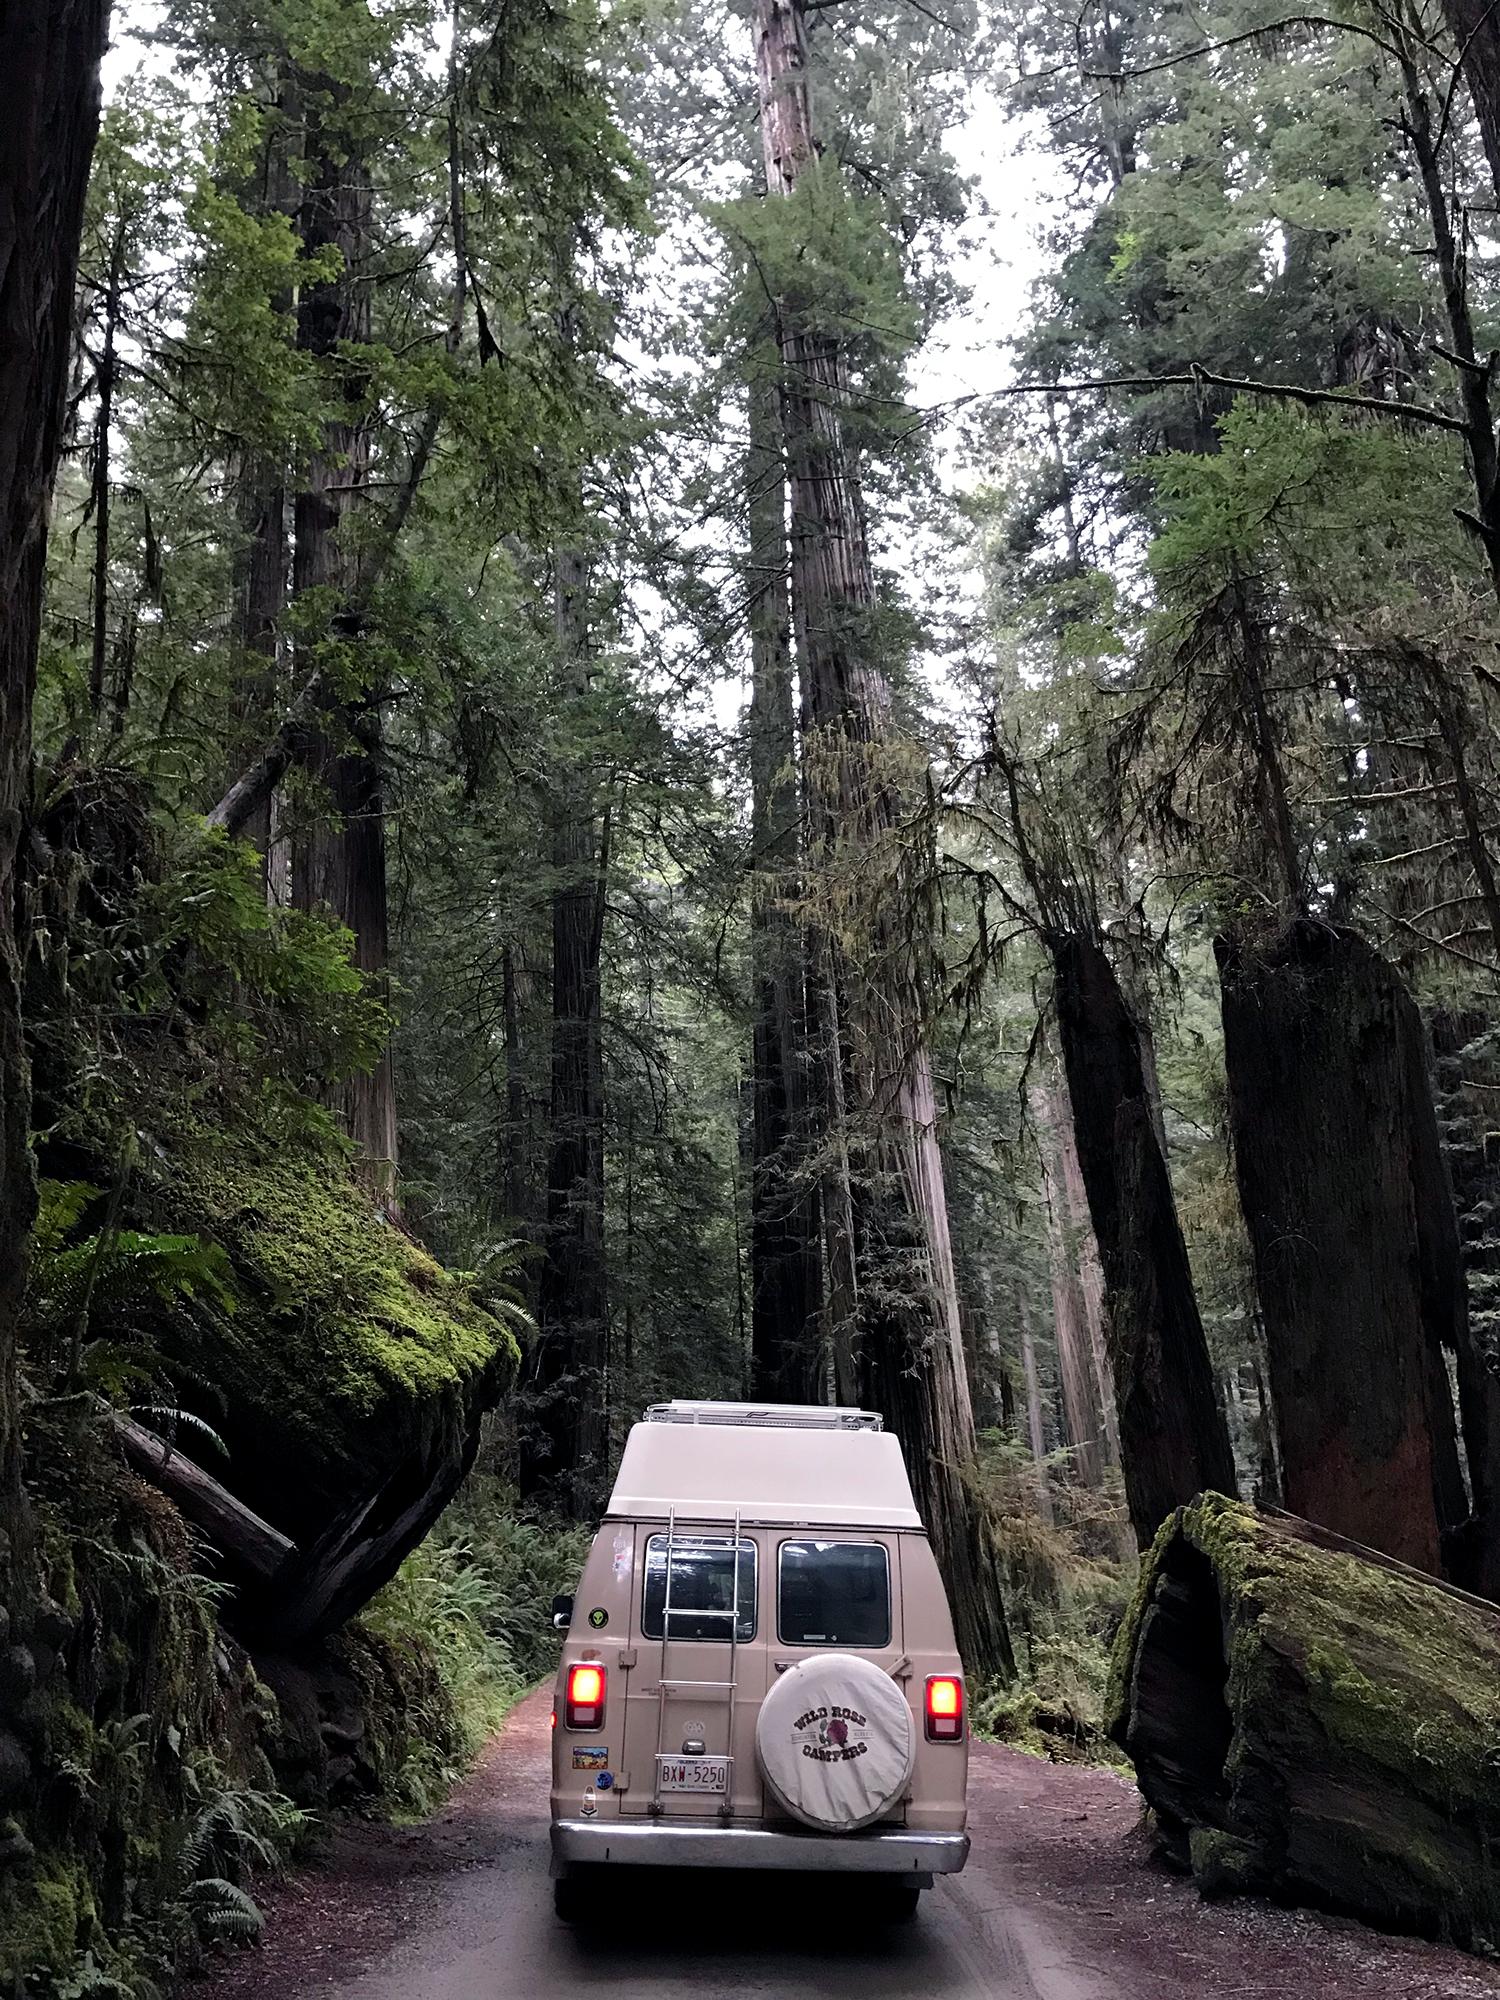 Generic Van Life - Northern California Redwoods